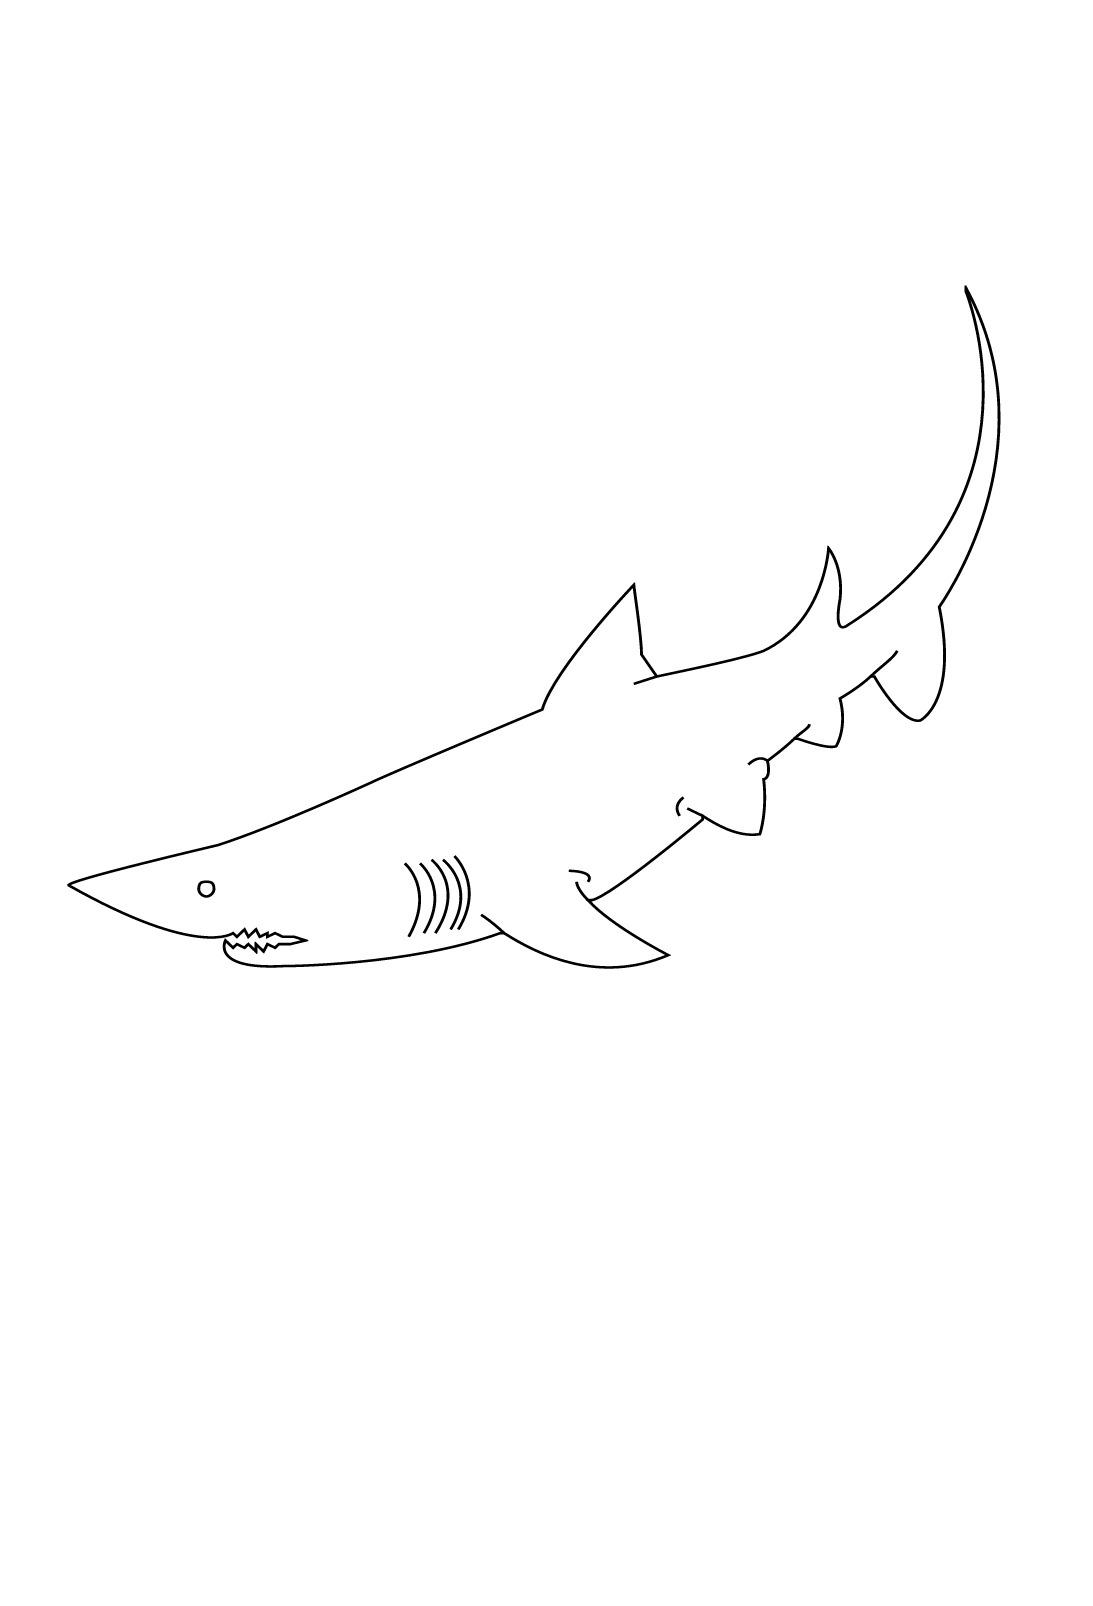 Dessins Gratuits À Colorier - Coloriage Requin À Imprimer encequiconcerne Coloriage Requin Blanc Imprimer